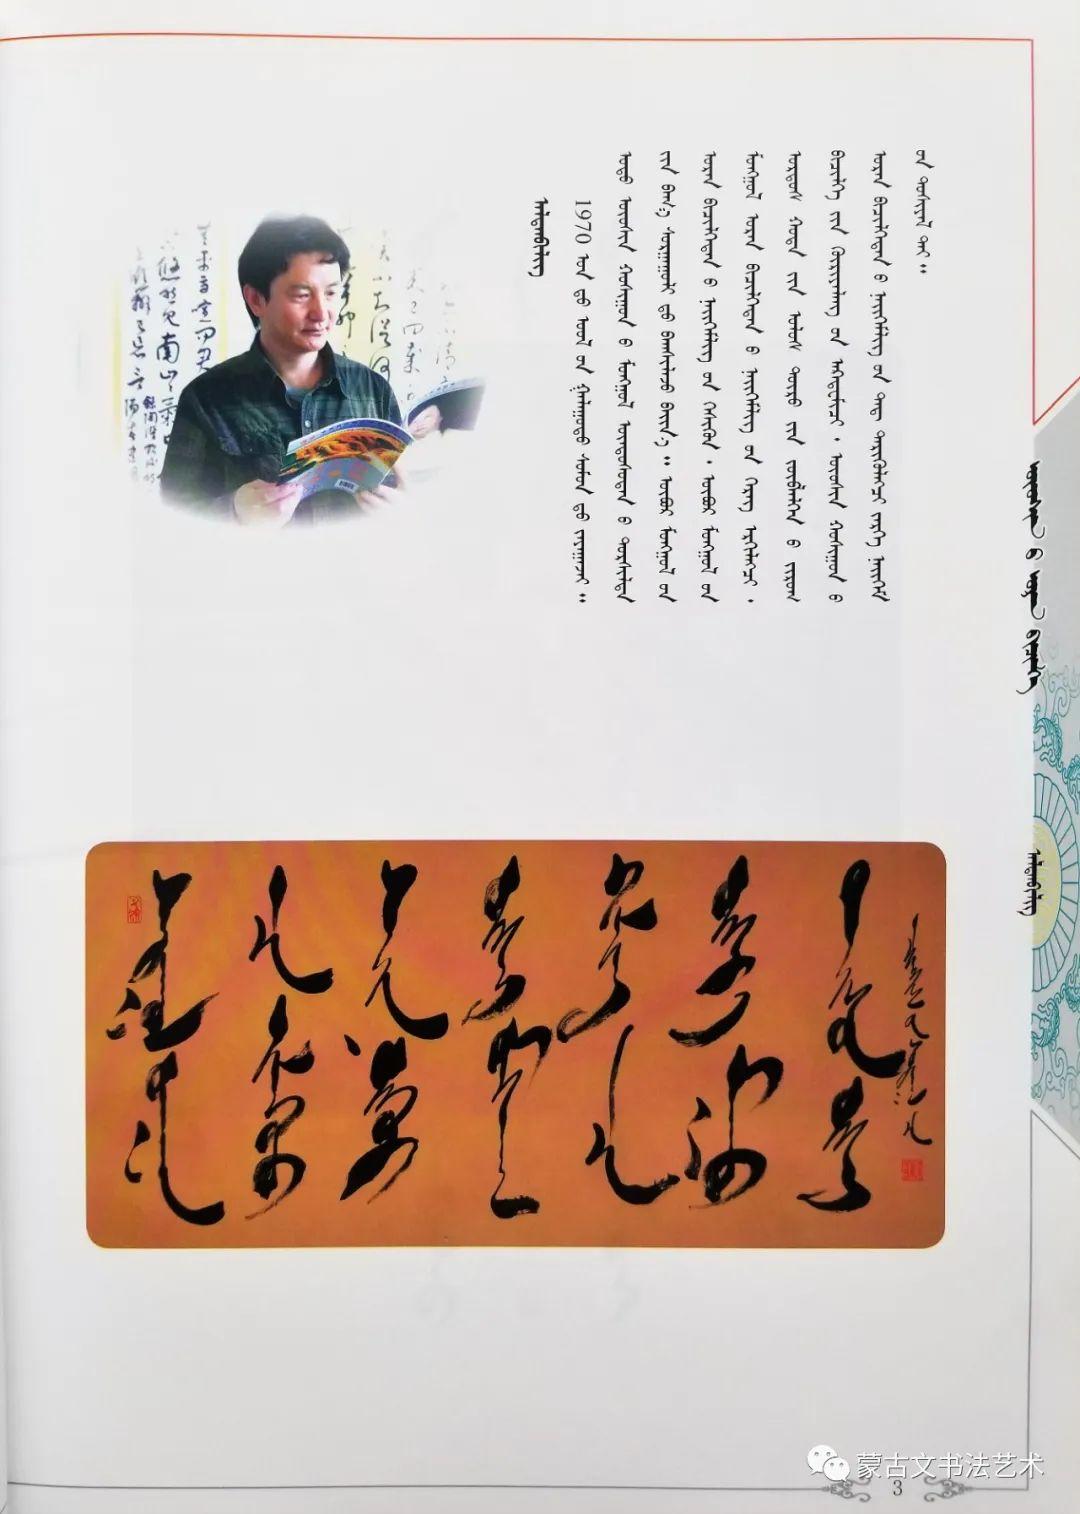 阿拉腾毕力格《乌审旗书法与篆刻精选》 第9张